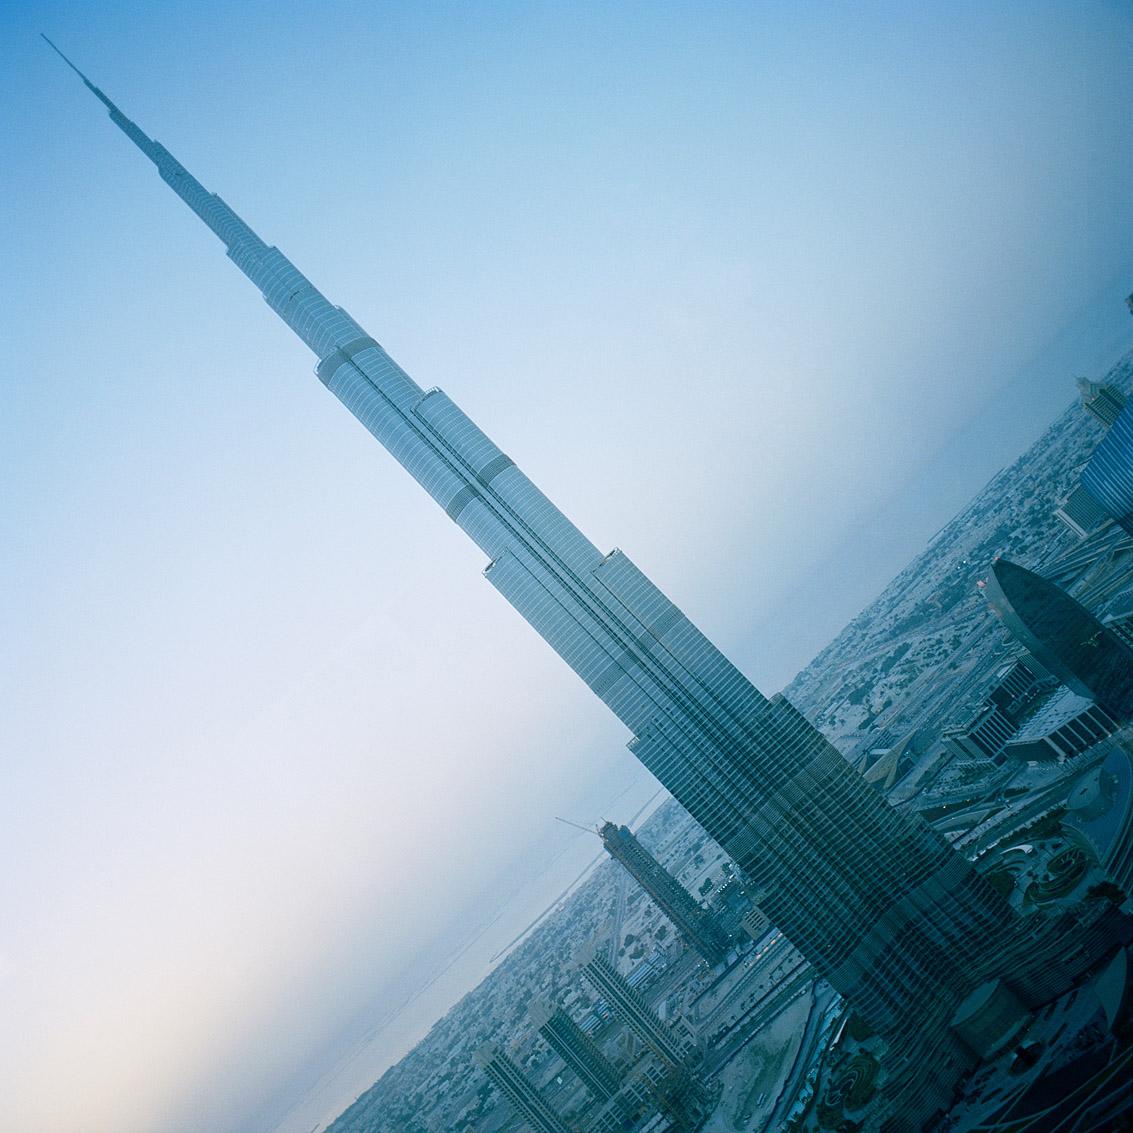 De plus de 800 mètres, Burj Khalifa est la tour la plus haute du monde; Dubaï.